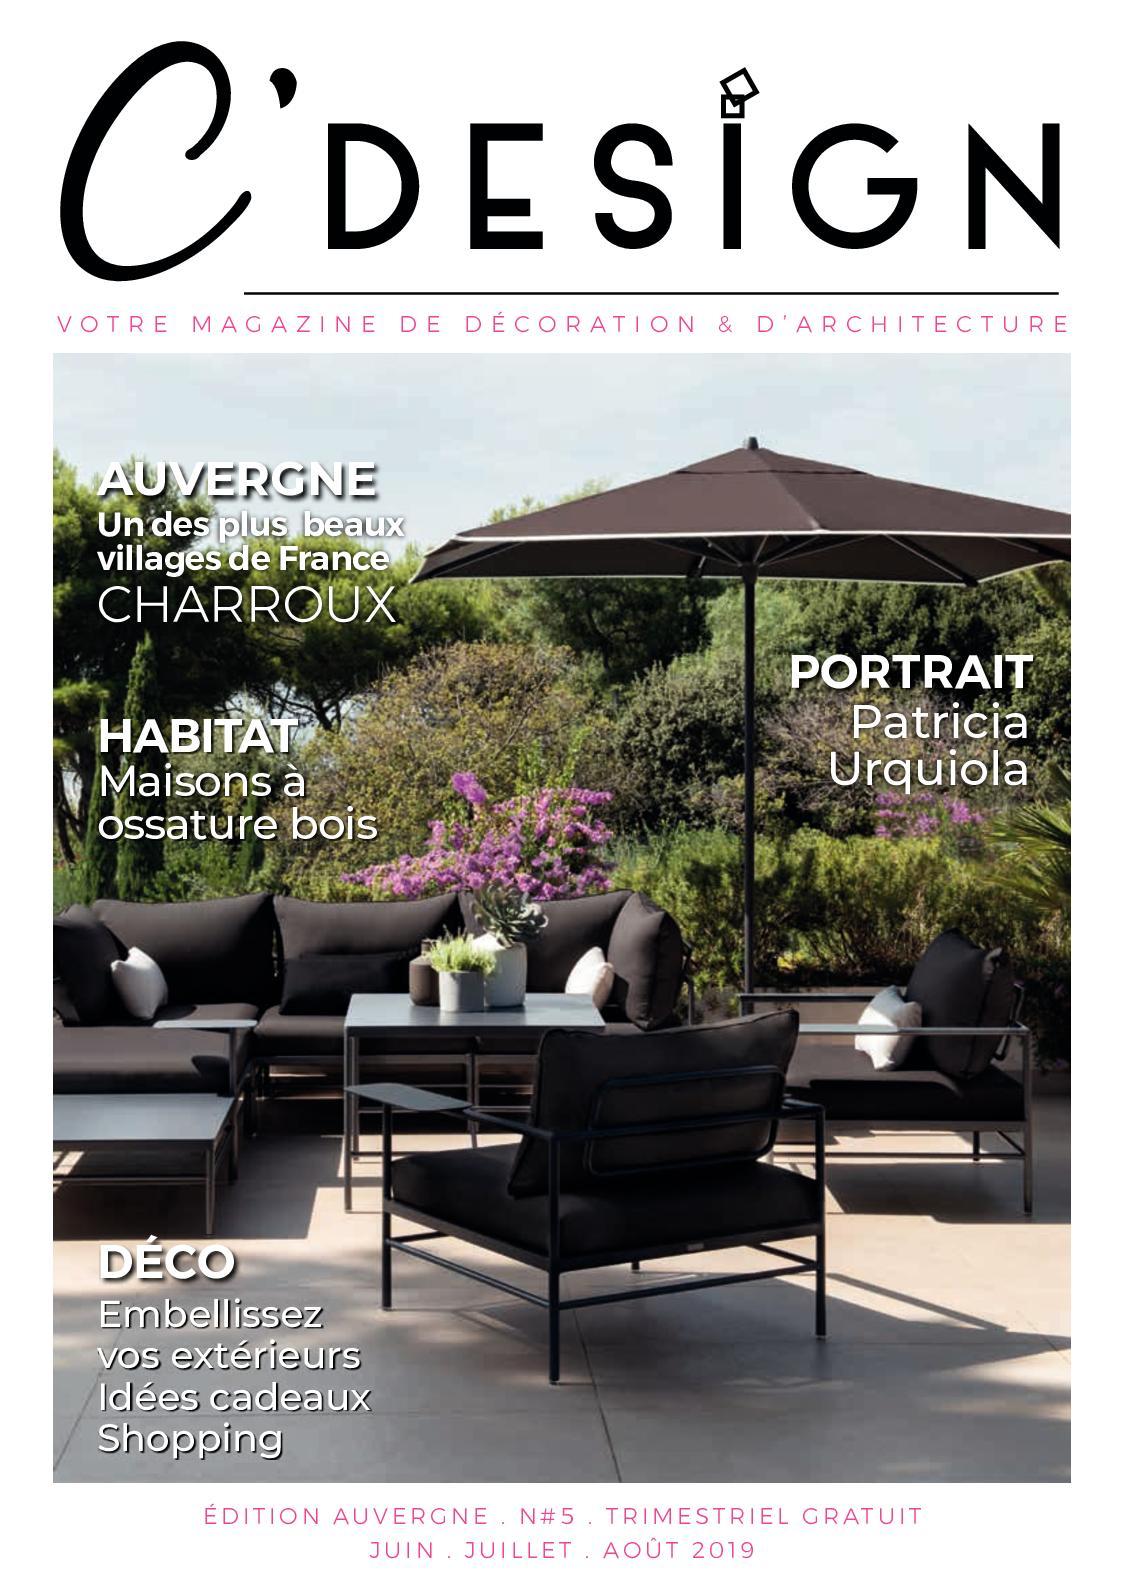 Salon De Jardin Avec Rangement Coussin Best Of Calaméo Magazine C Design 5 Of 22 Frais Salon De Jardin Avec Rangement Coussin